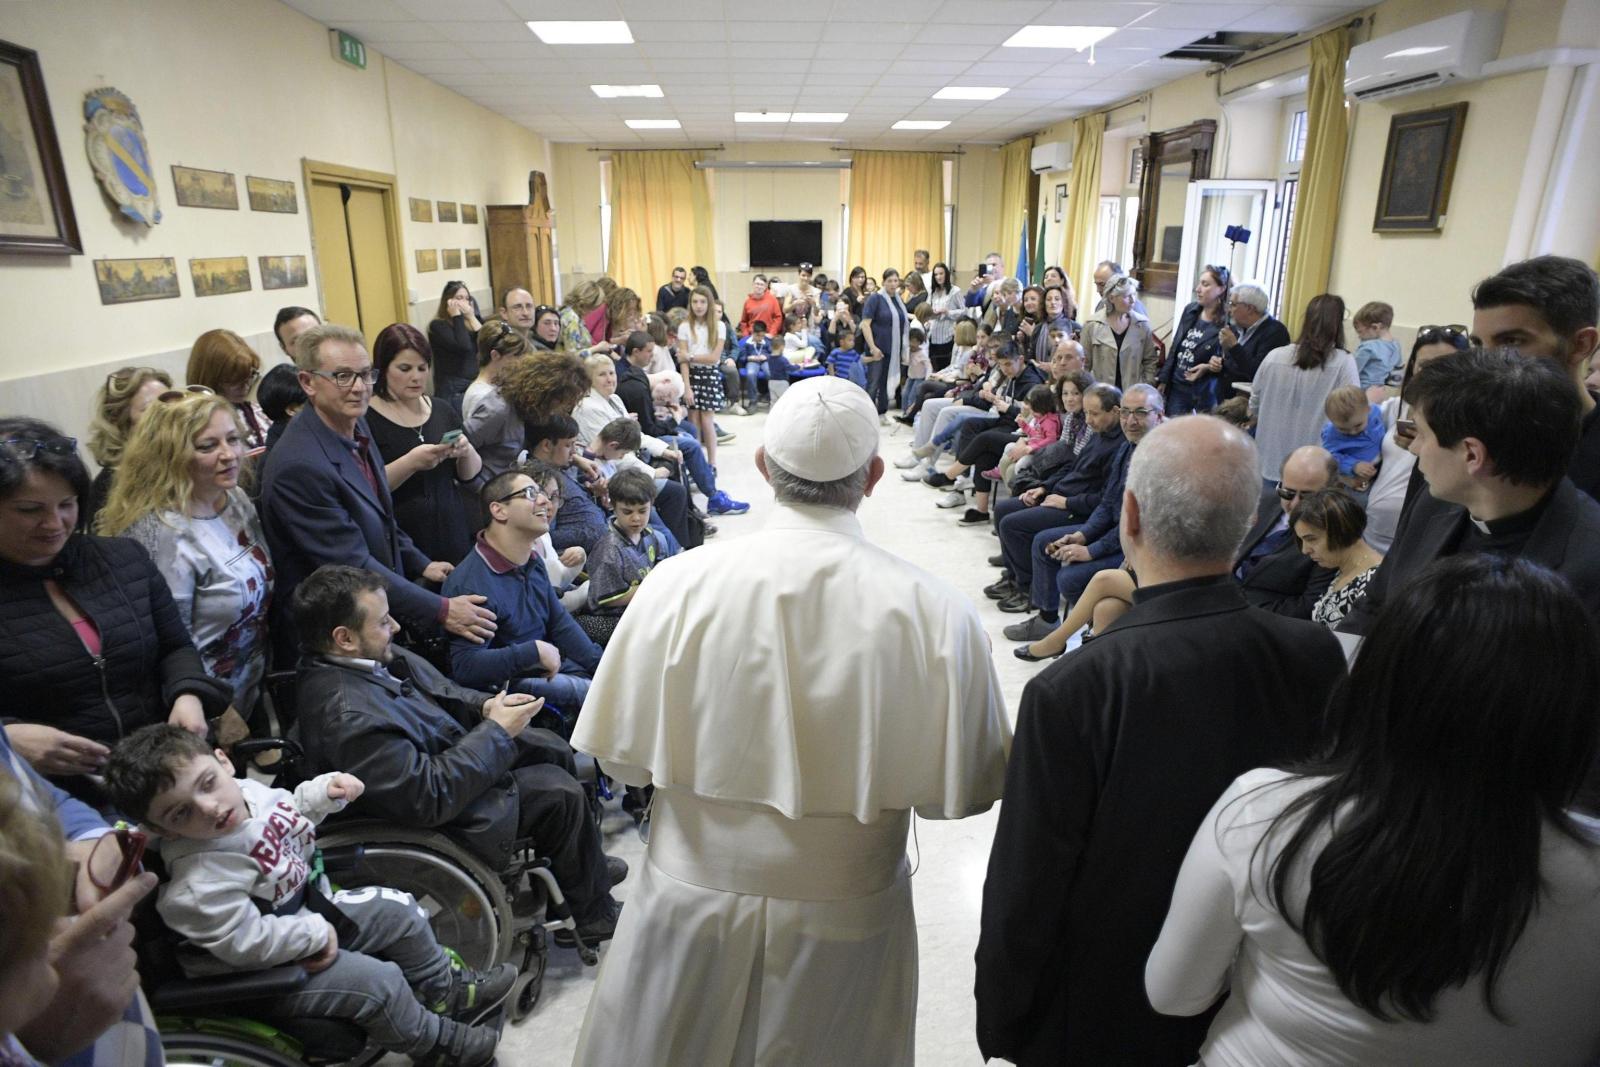 Papież odwiedził niewidomych w ośrodku w Rzymie. Fot. PAP/EPA/L'OSSERVATORE ROMANO